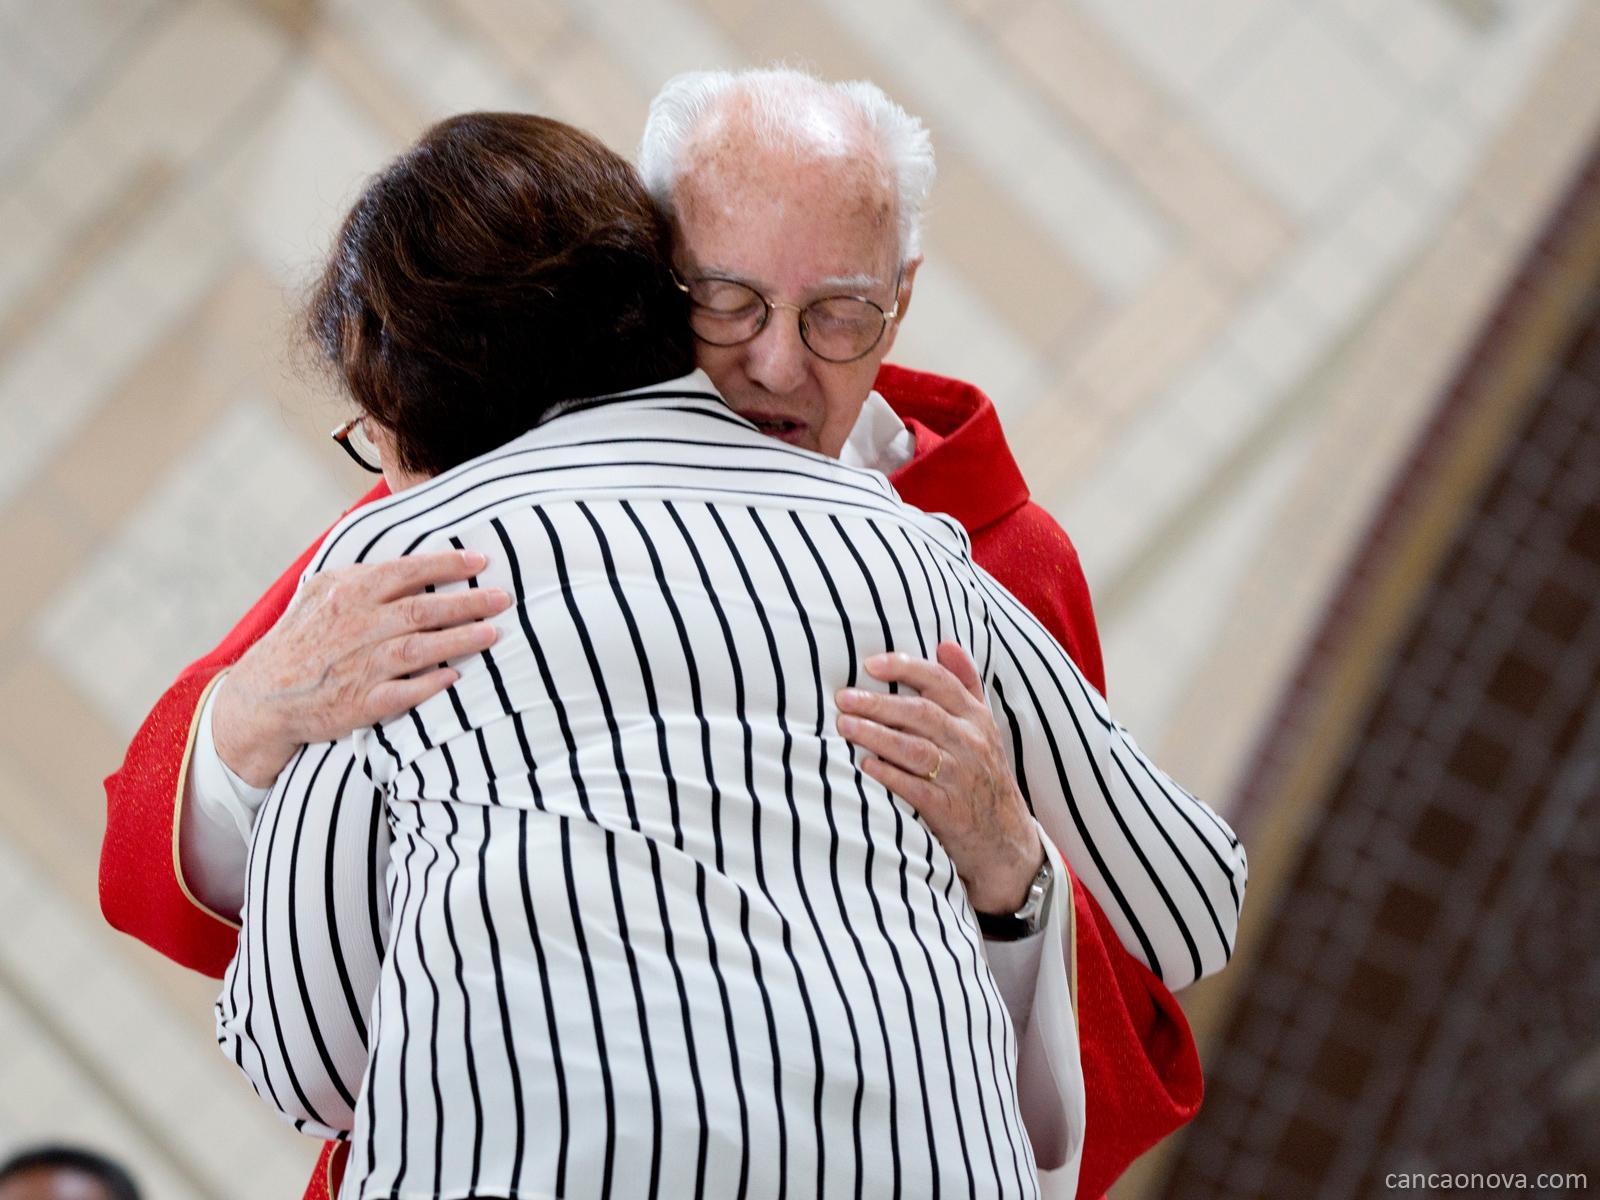 Nesta primeira foto da matéria, o Fundador da Comunidade Canção Nova abraça a recém empossada Formadora Geral da Comunidade, Vera Lúcia Reis